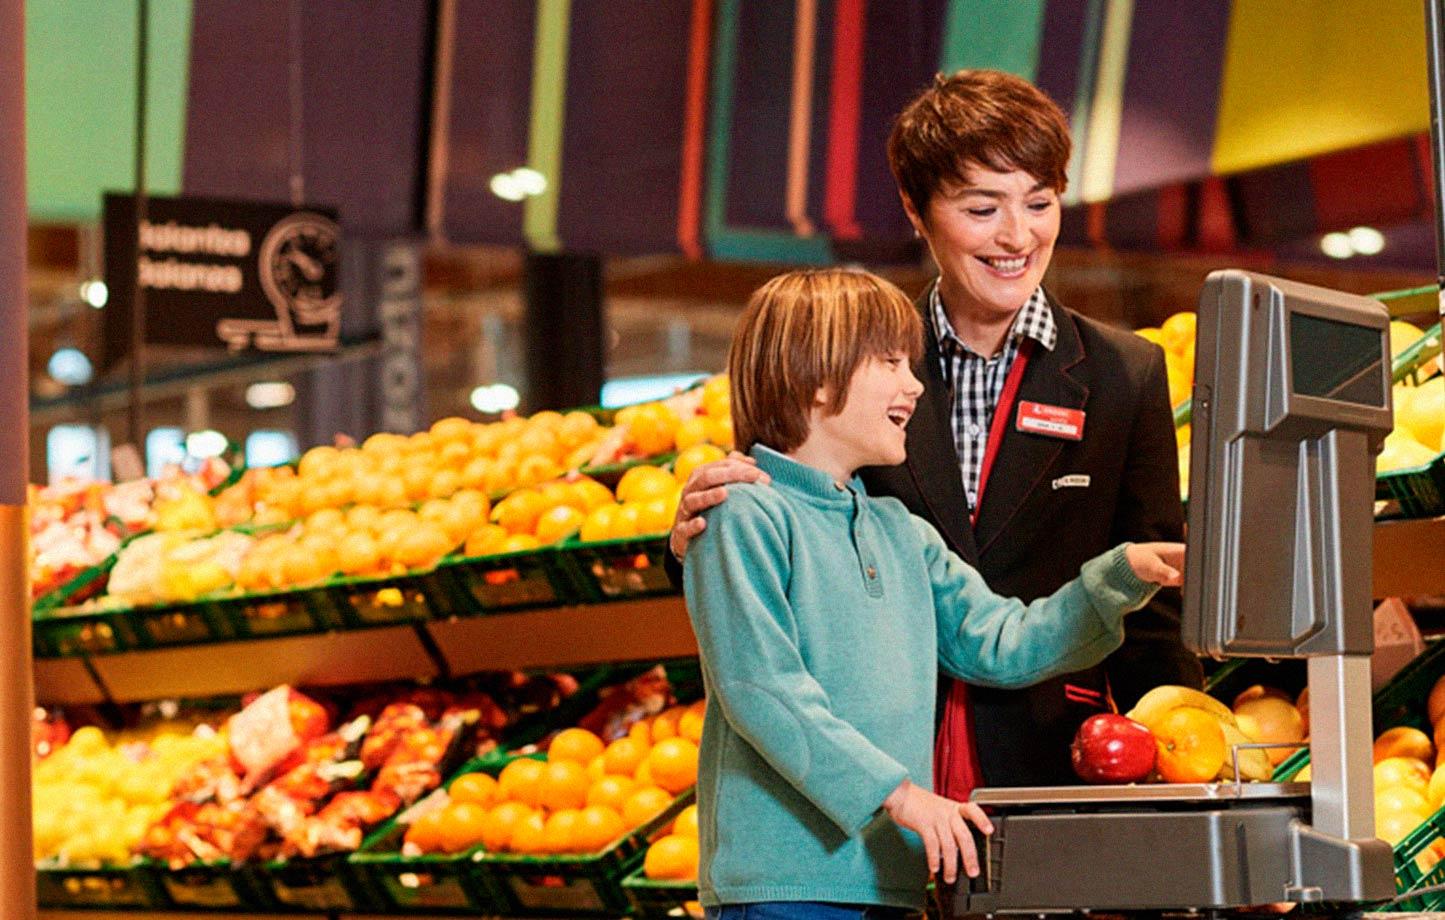 Empleada Eroski ayuda a niño a pesar la fruta